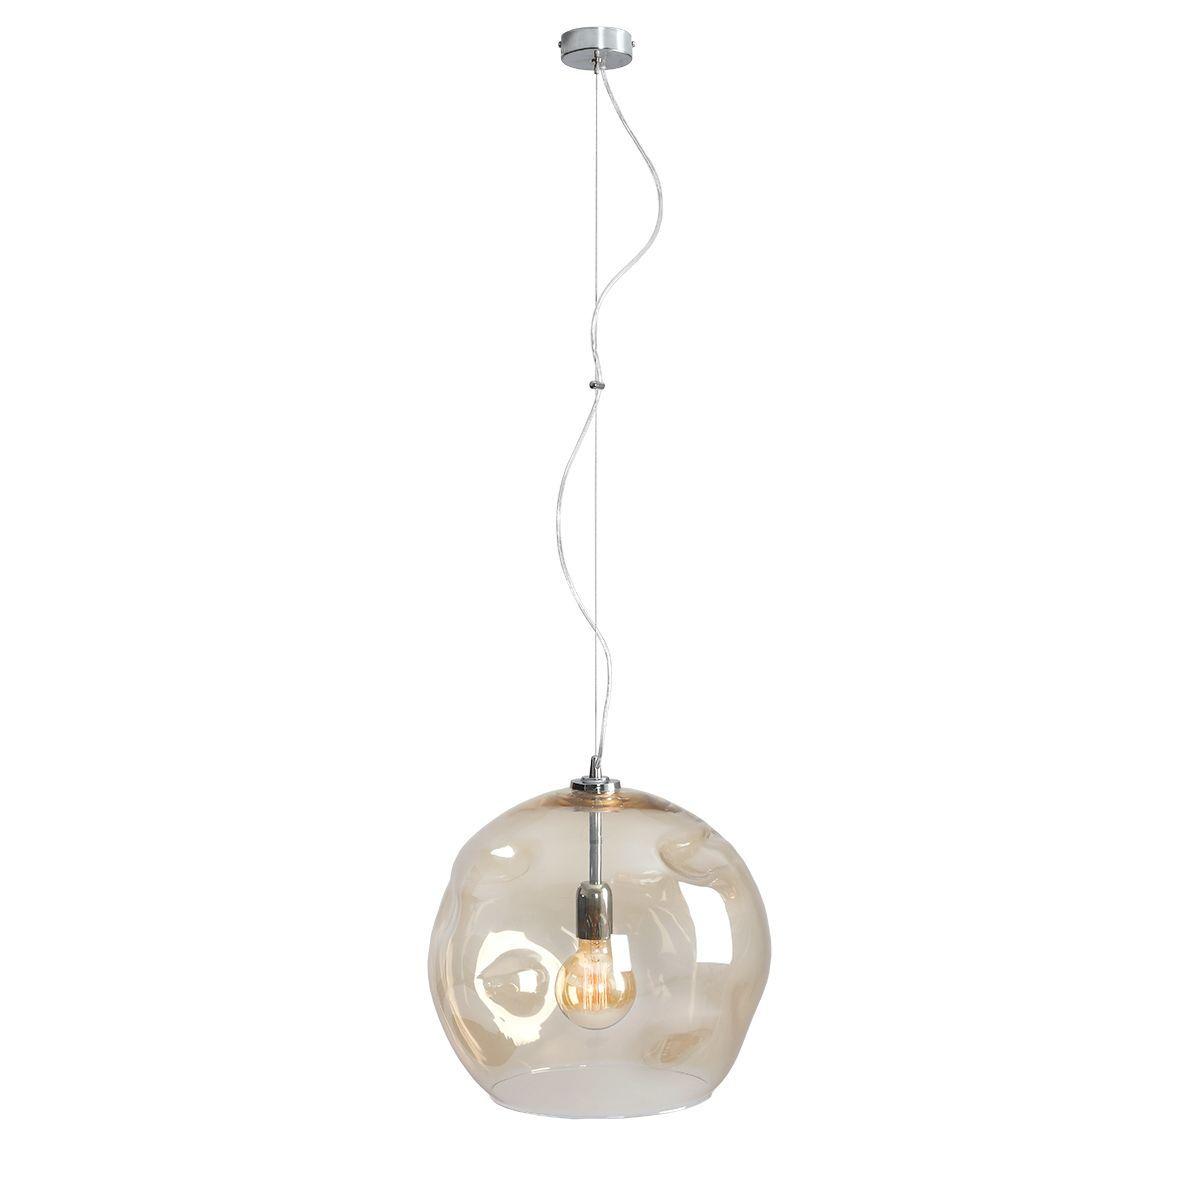 Lampa wisząca Aldex x1 Amalfi 40 cm Miodowy 1034G/L